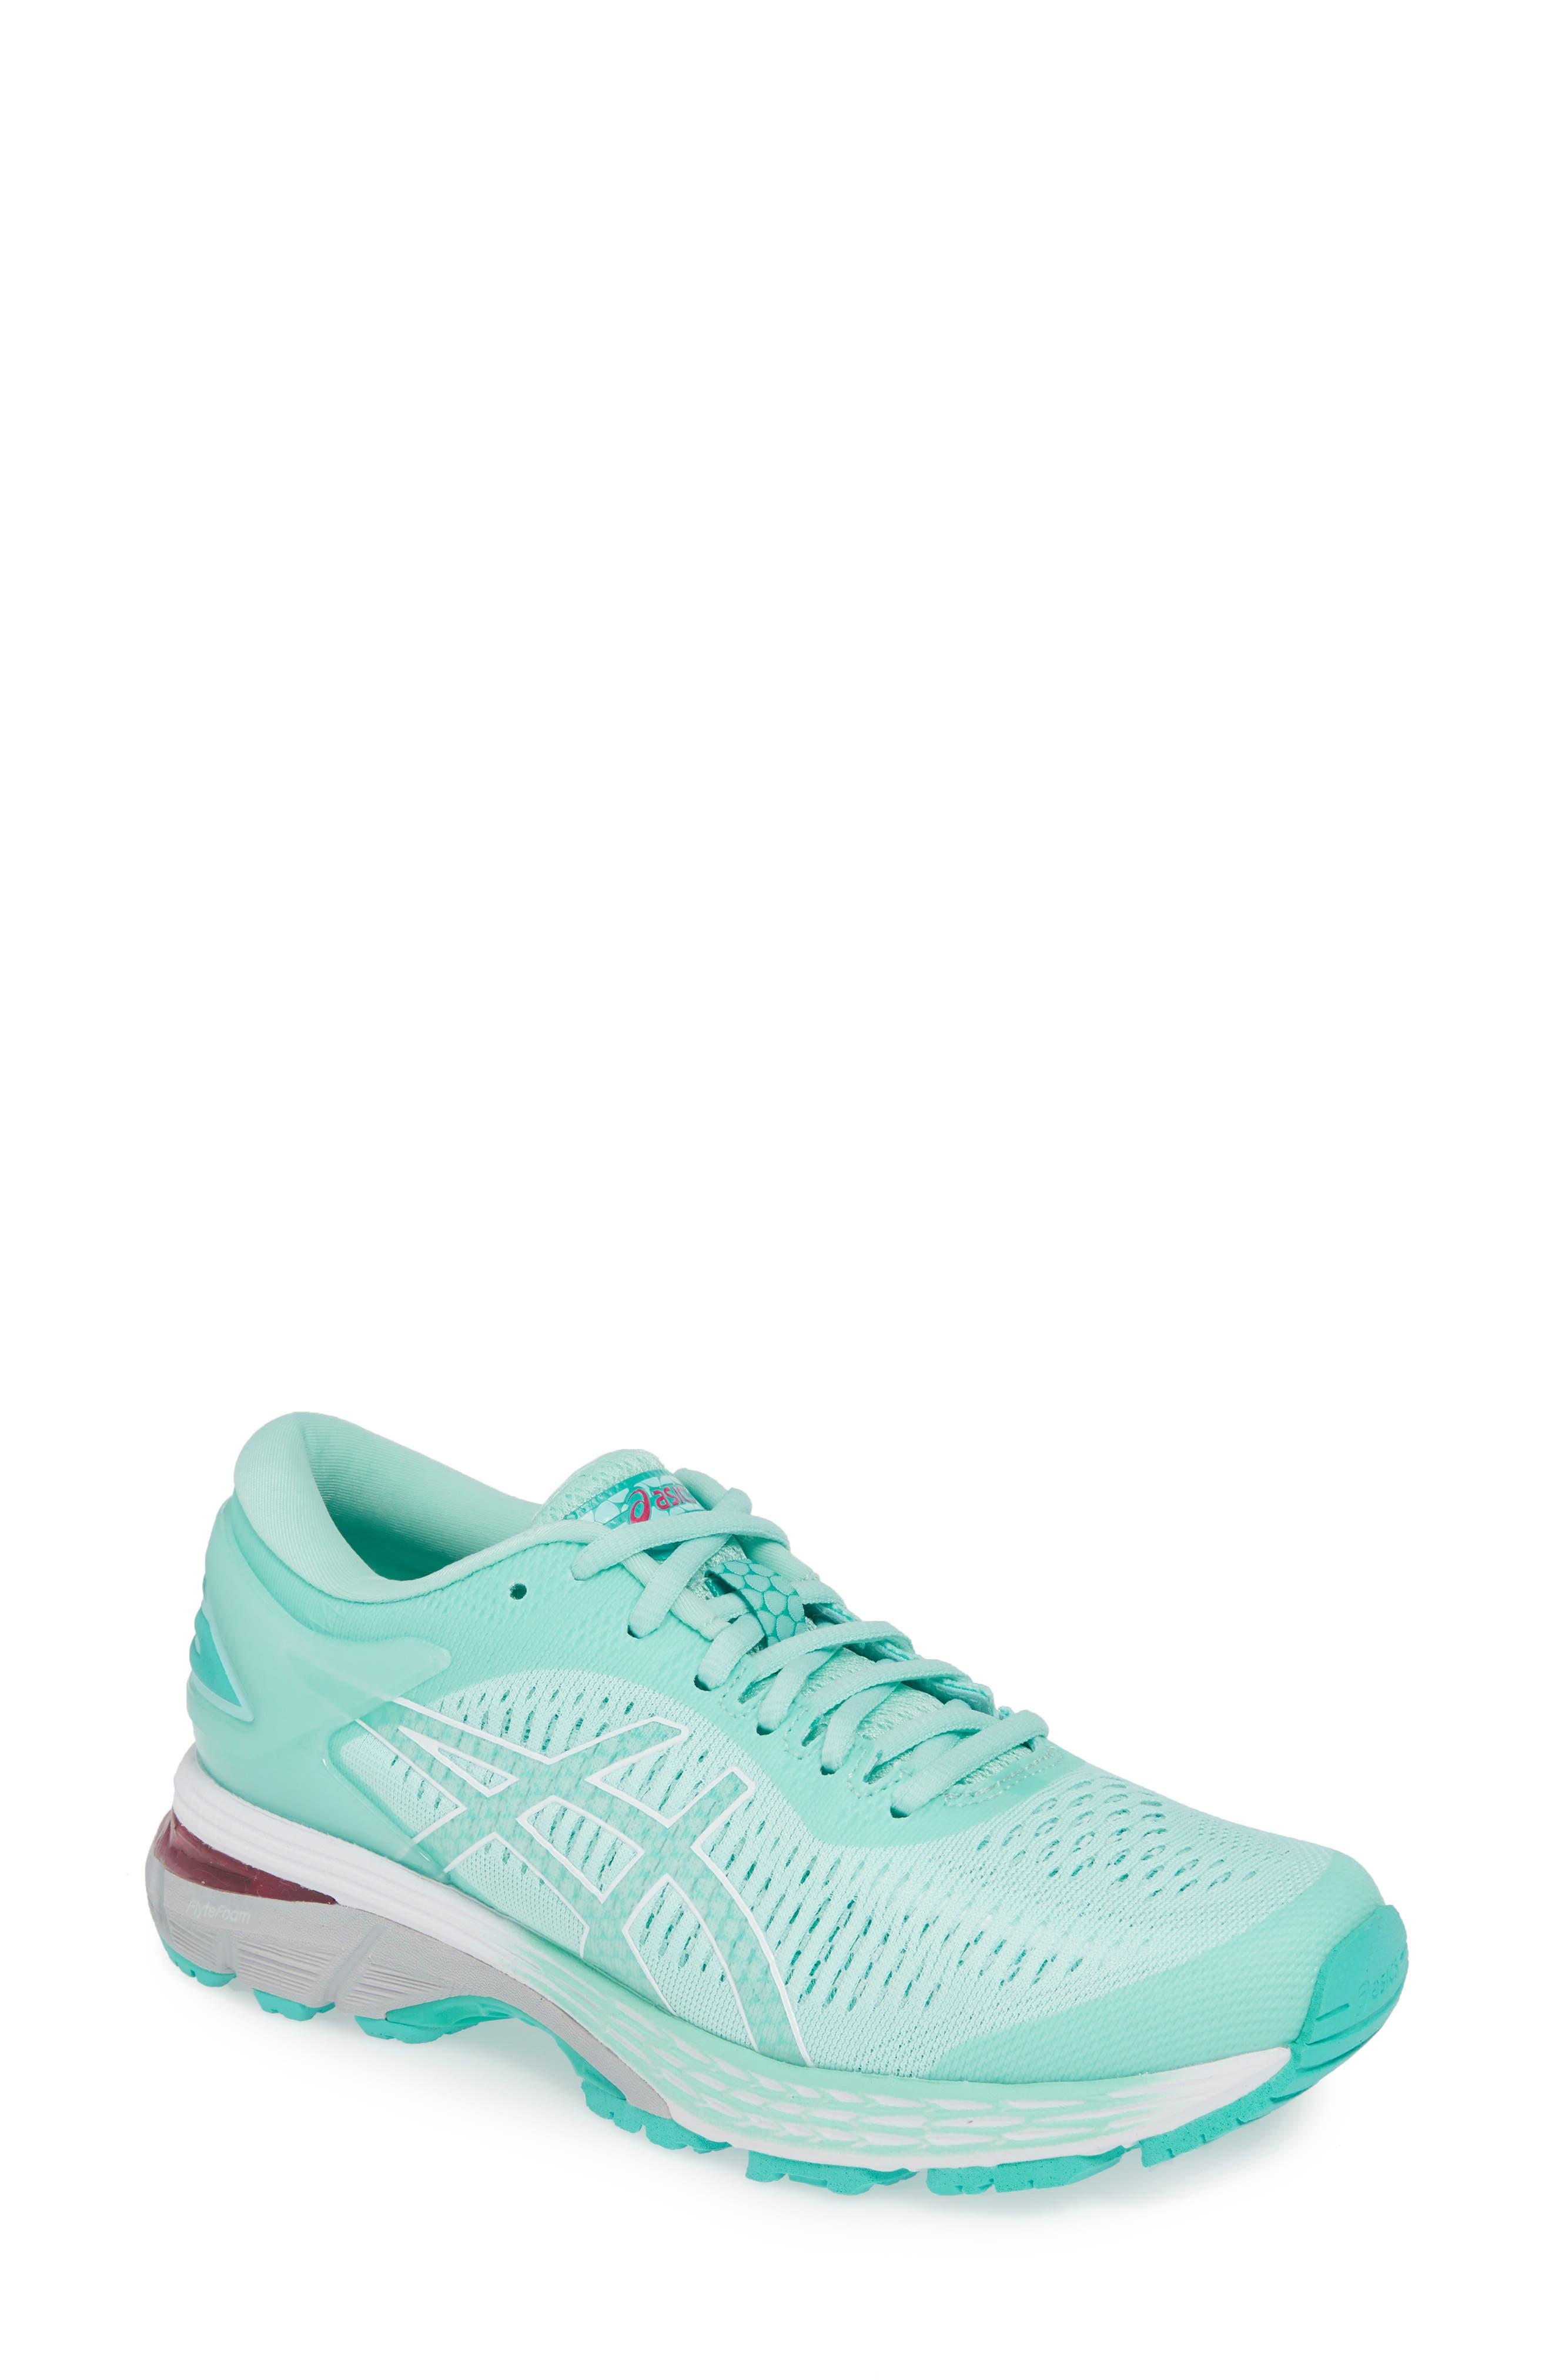 ASICS   GEL-Kayano 25 Running Sneaker